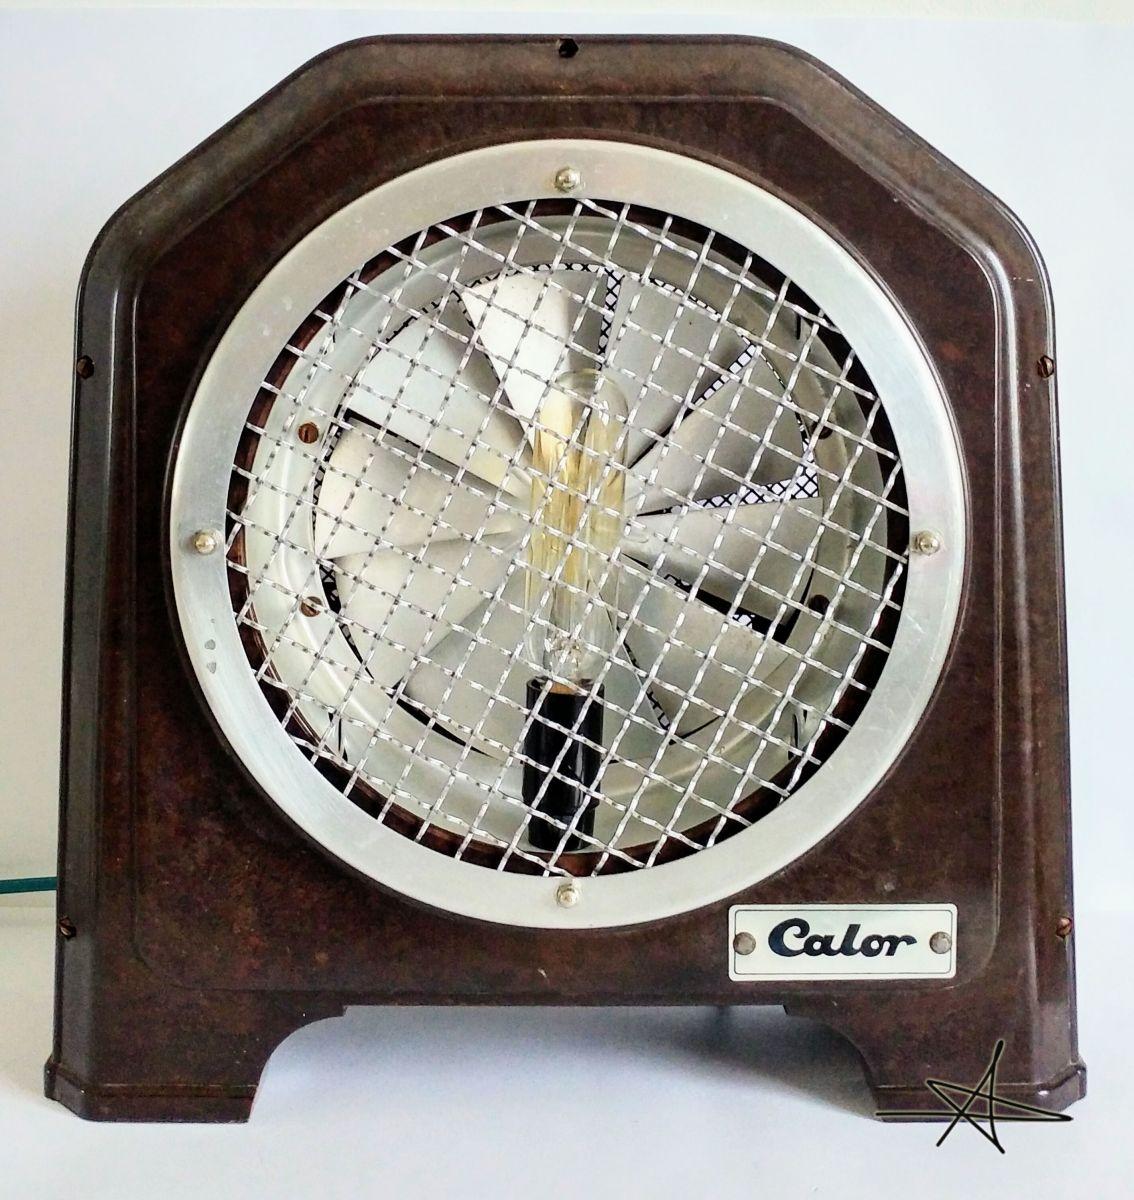 lampe vintage lampe industrielle que calor luckyfind. Black Bedroom Furniture Sets. Home Design Ideas